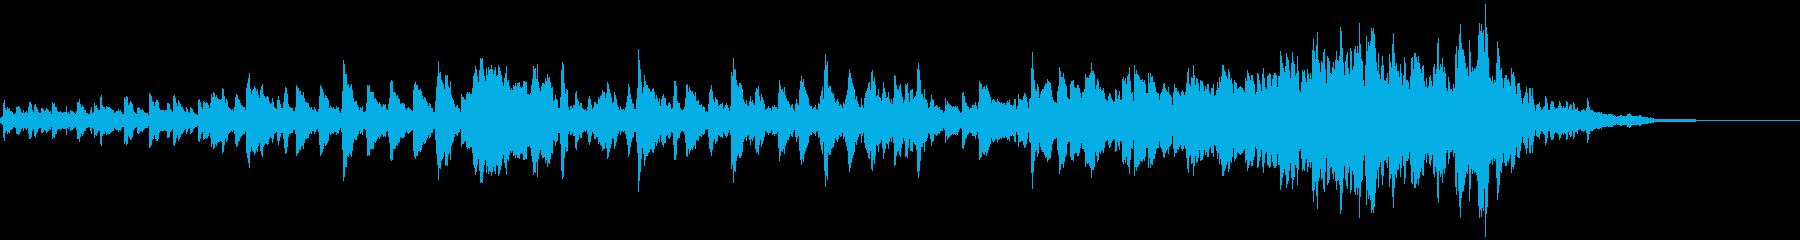 怪しいエスニックなバイオリンのフレーズ3の再生済みの波形